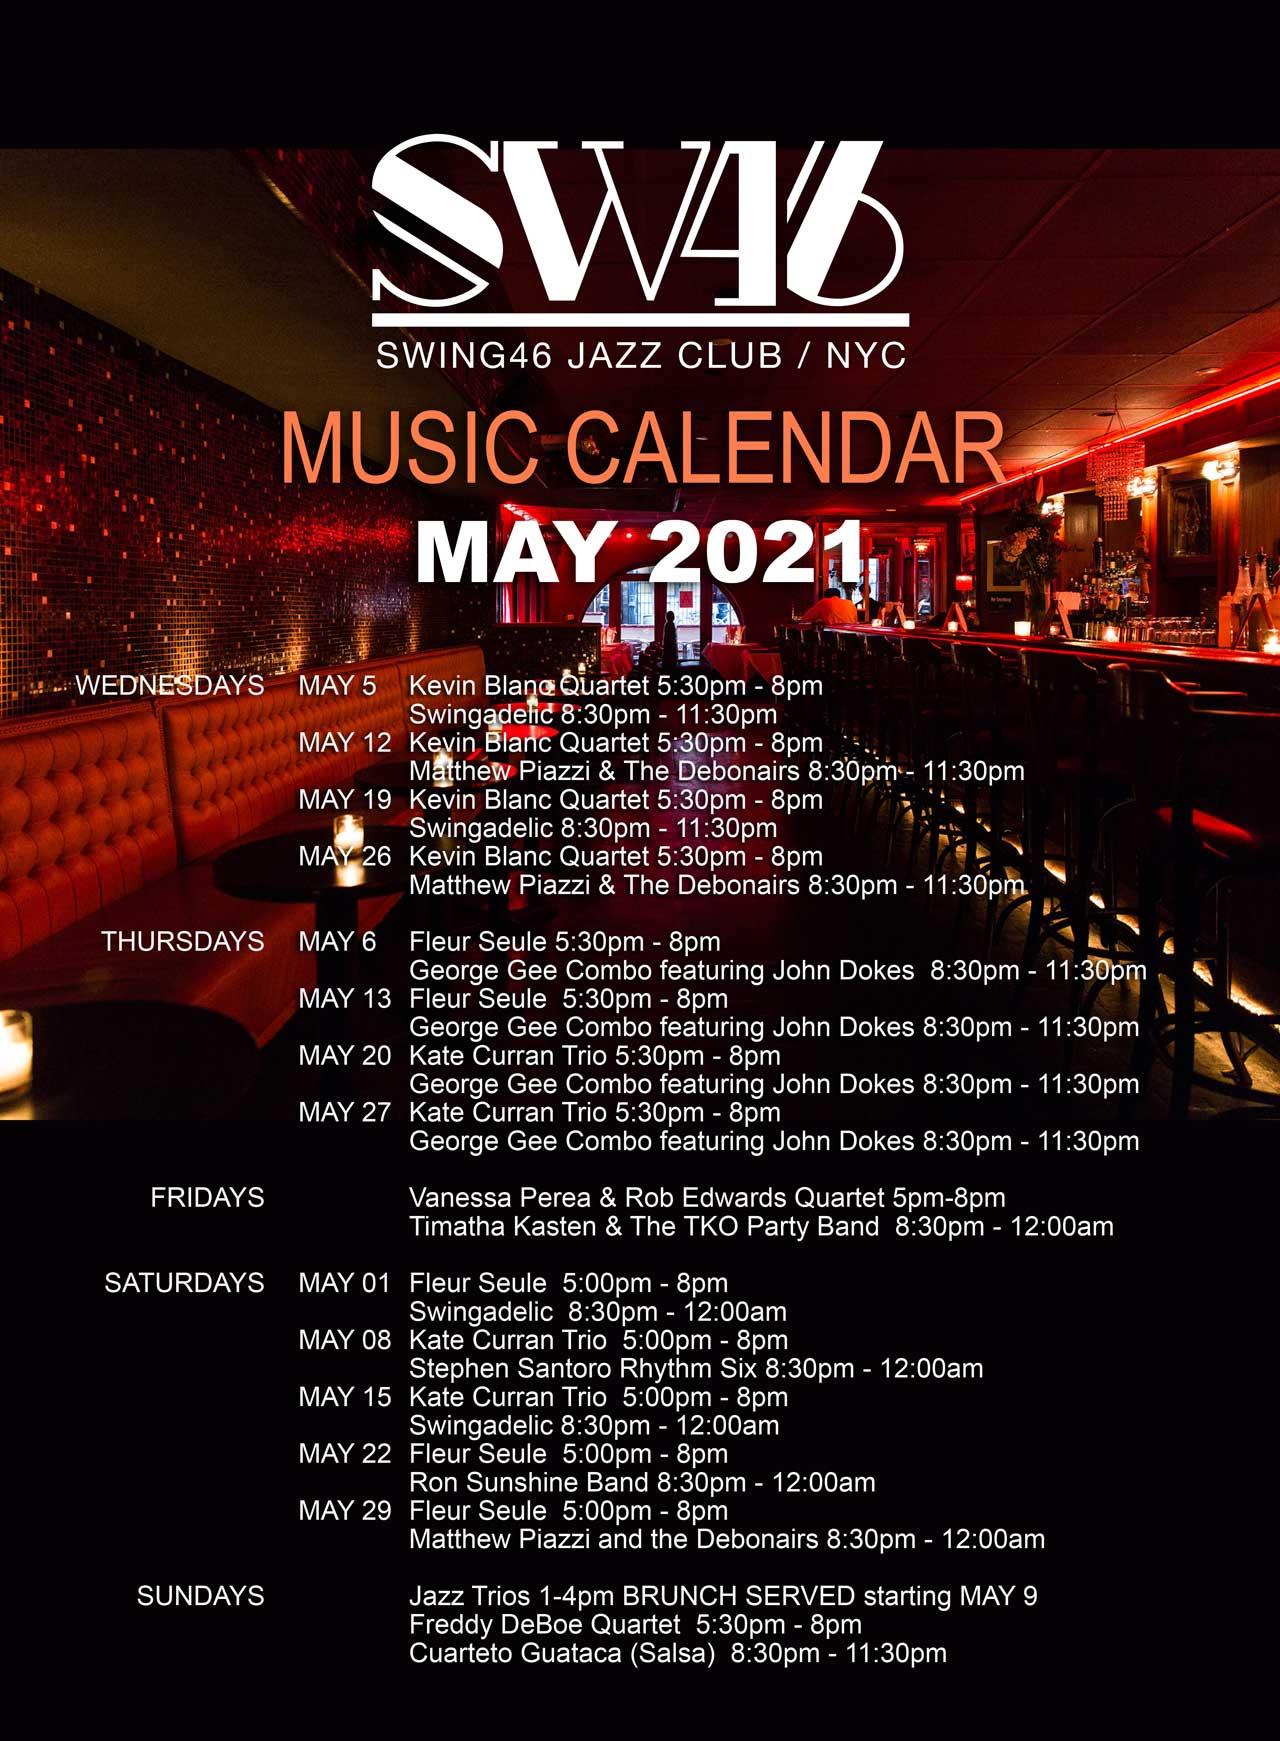 Music Calendar Poster